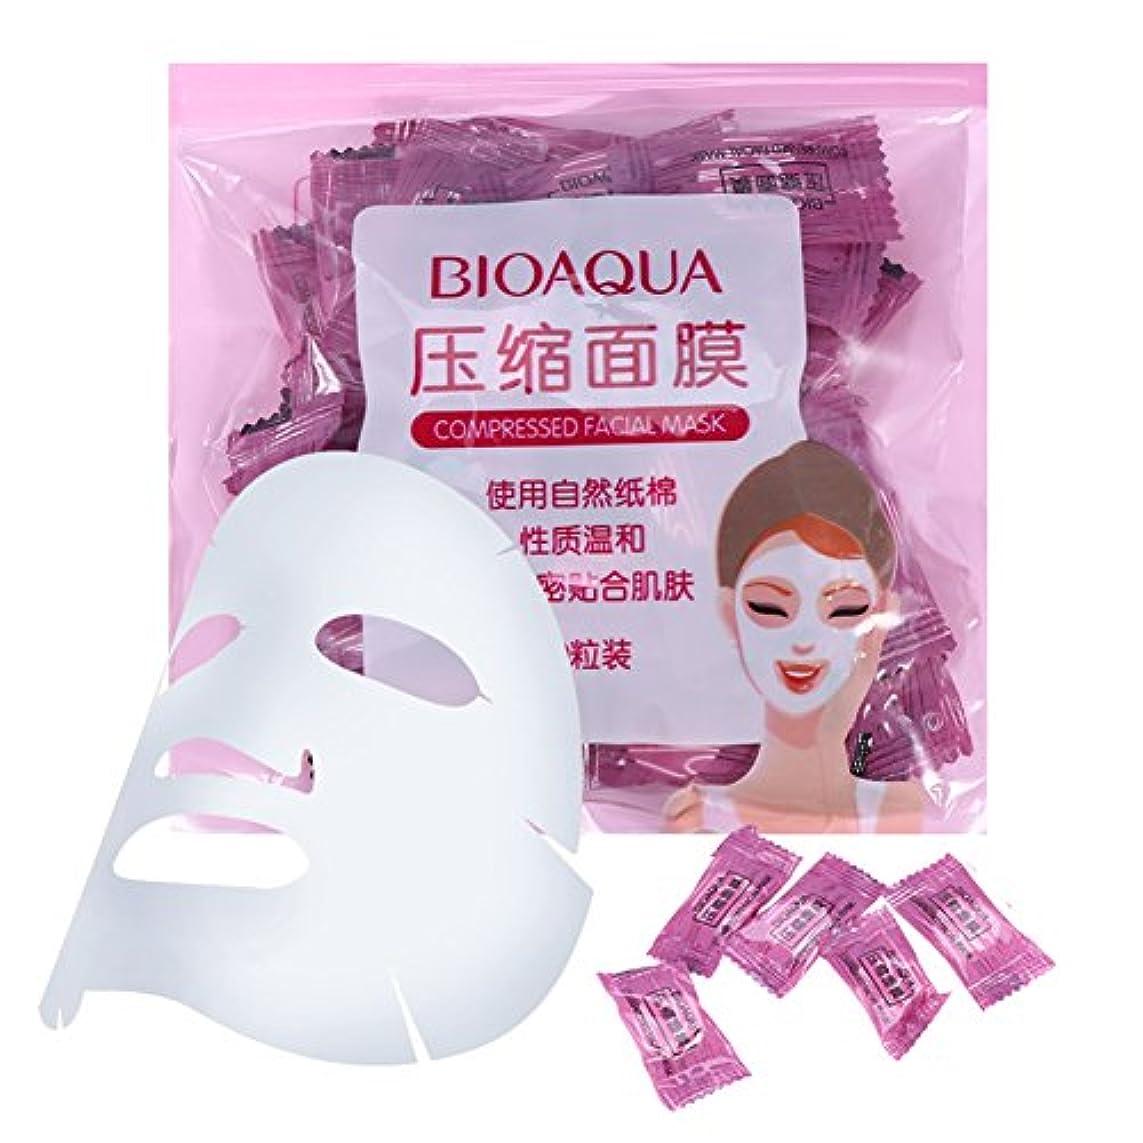 トロイの木馬海外生まれスキンケア 50個/パックナチュラル 不織布 圧縮 フェイスマスク DIYフェイシャルマスク